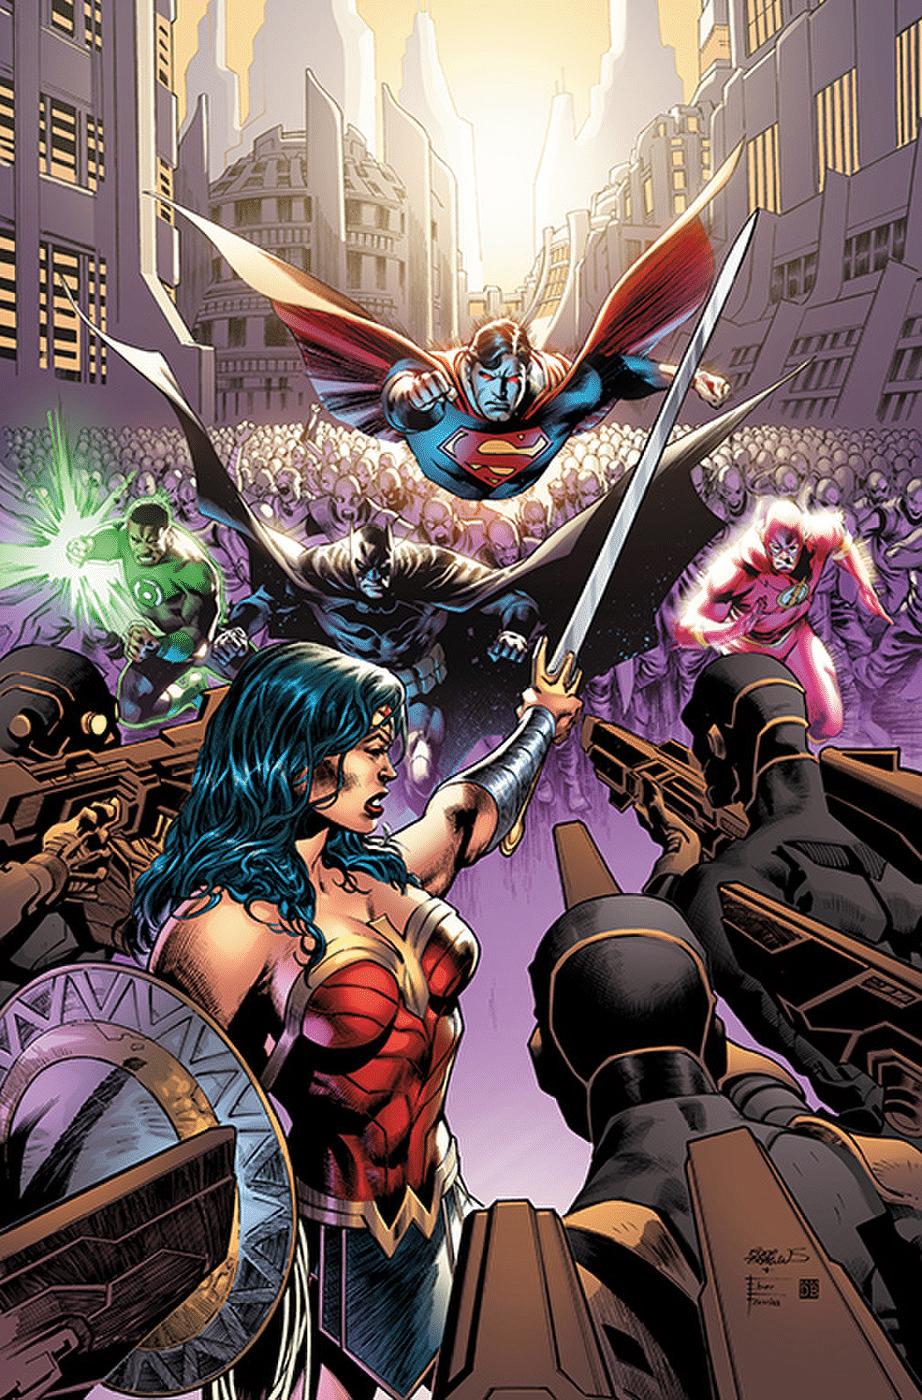 Justice League et Shazam! changent de scénariste 2